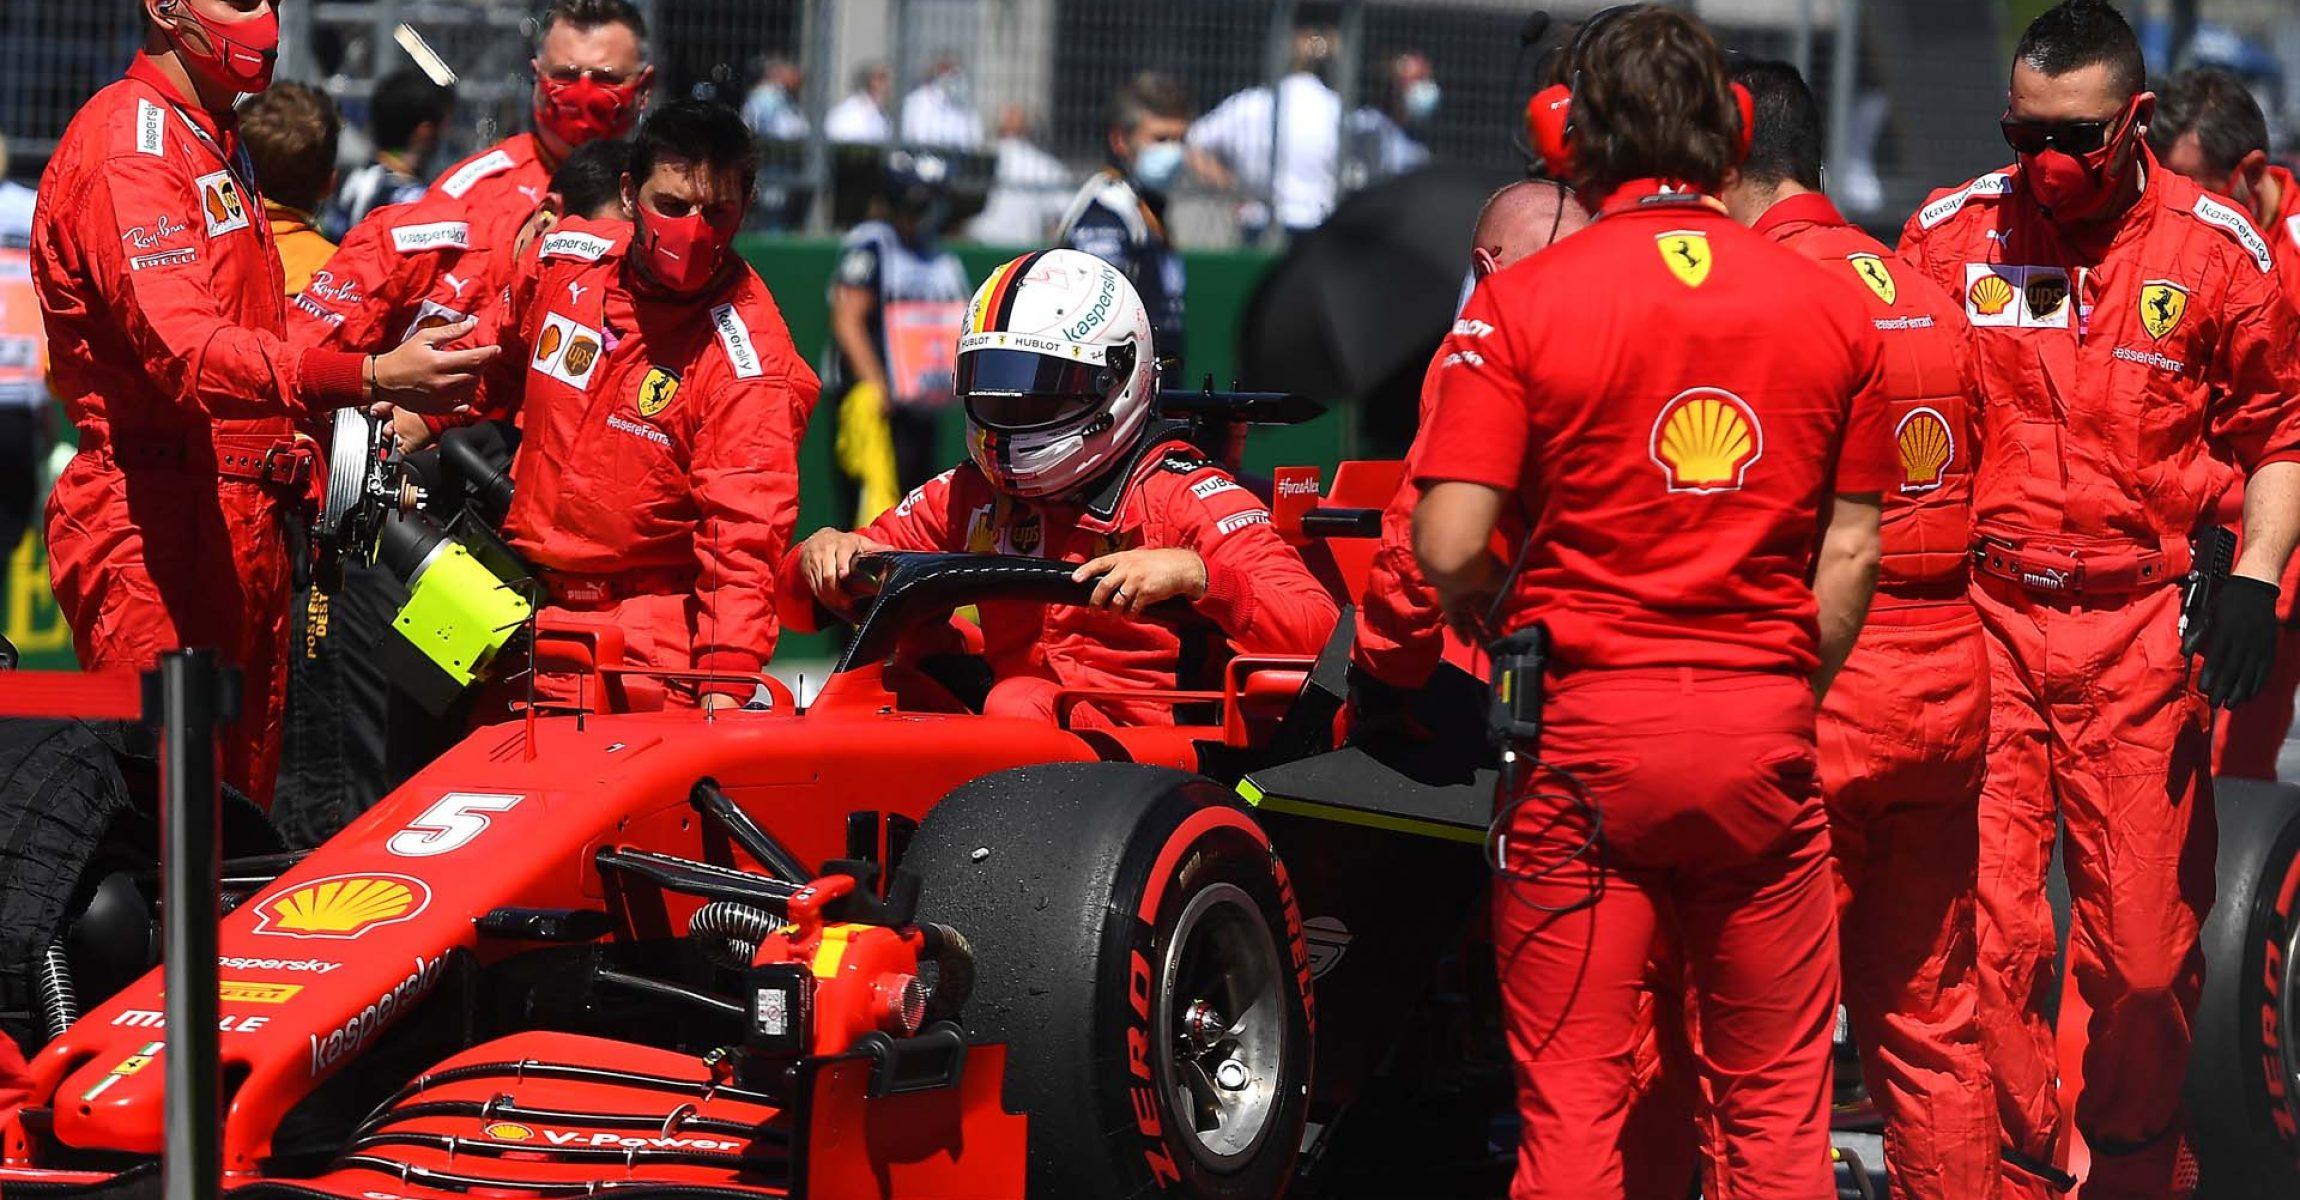 GP AUSTRIA F1/2020 - DOMENICA 05/07/2020 credit: @Scuderia Ferrari Press Office Sebastian Vettel grid